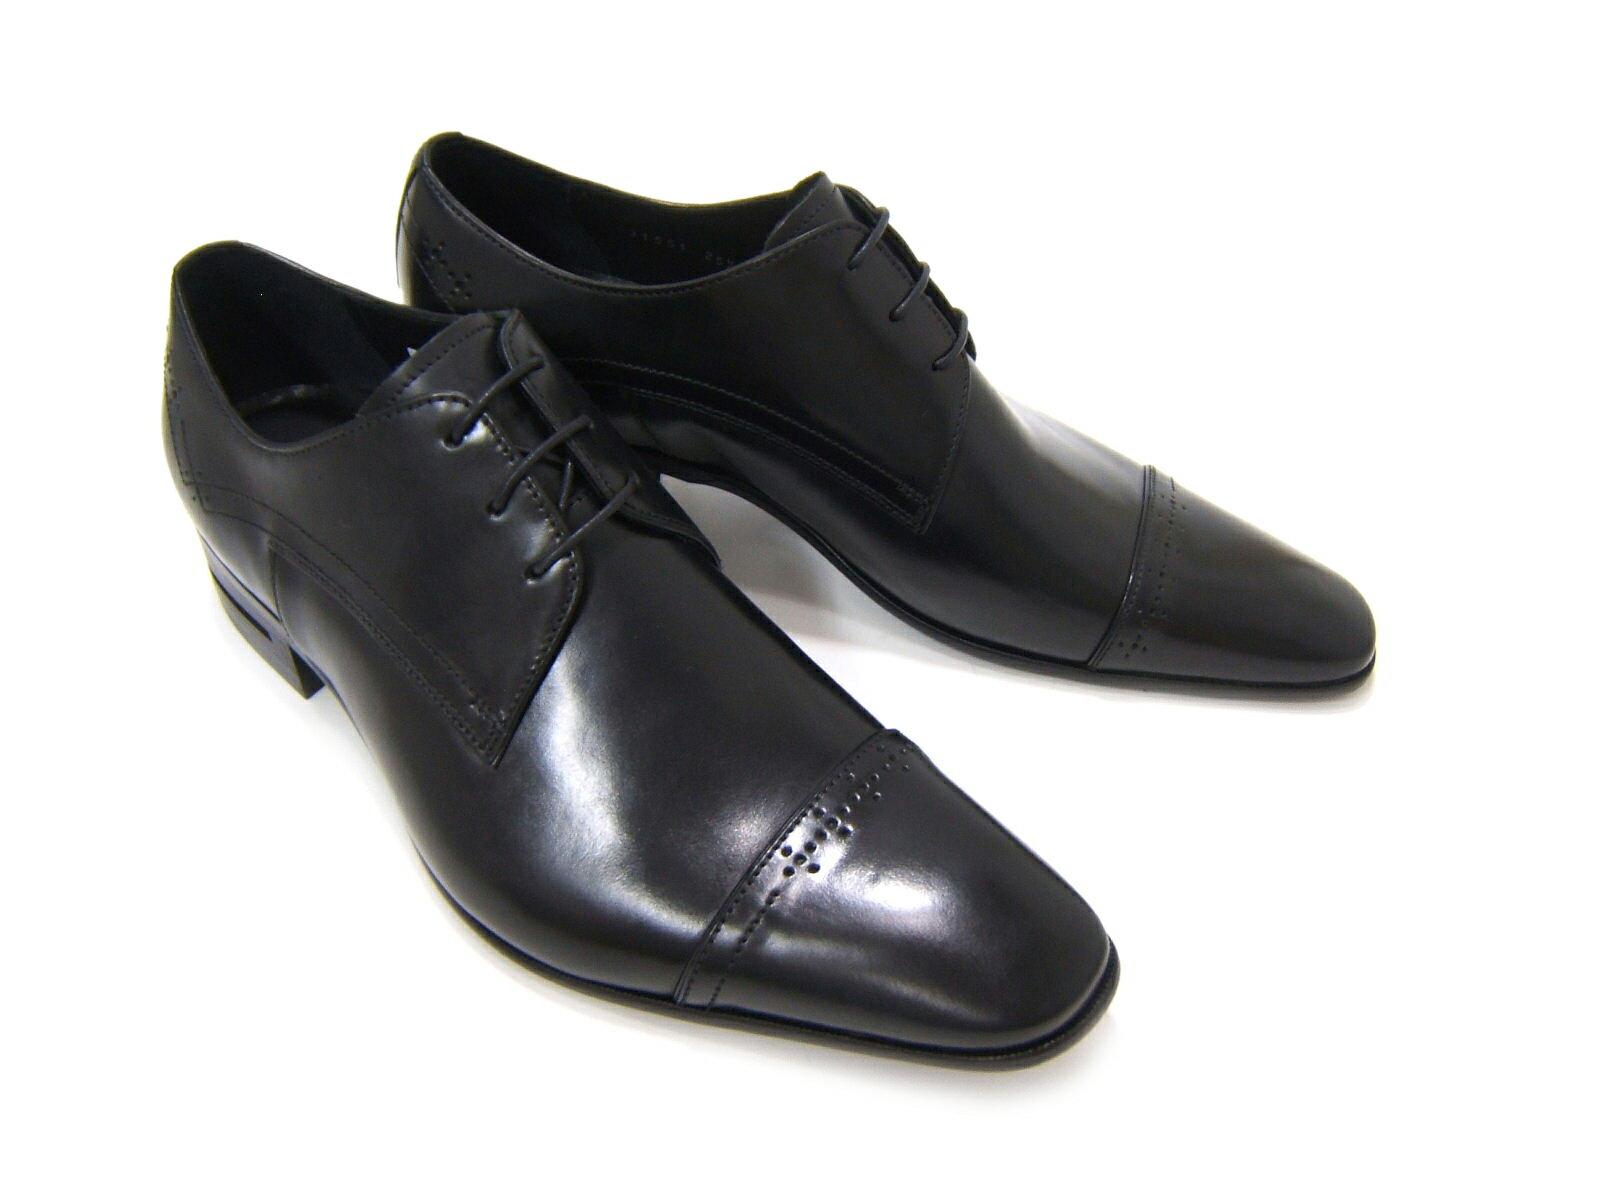 シンプルながら落ち着きのあるブリティッシュスタイル!KATHARINE HAMNETT LONDON キャサリン ハムネット ロンドン紳士靴 31551 ブラック ストレートチップ 外羽根 ビジネス フォーマル 送料無料